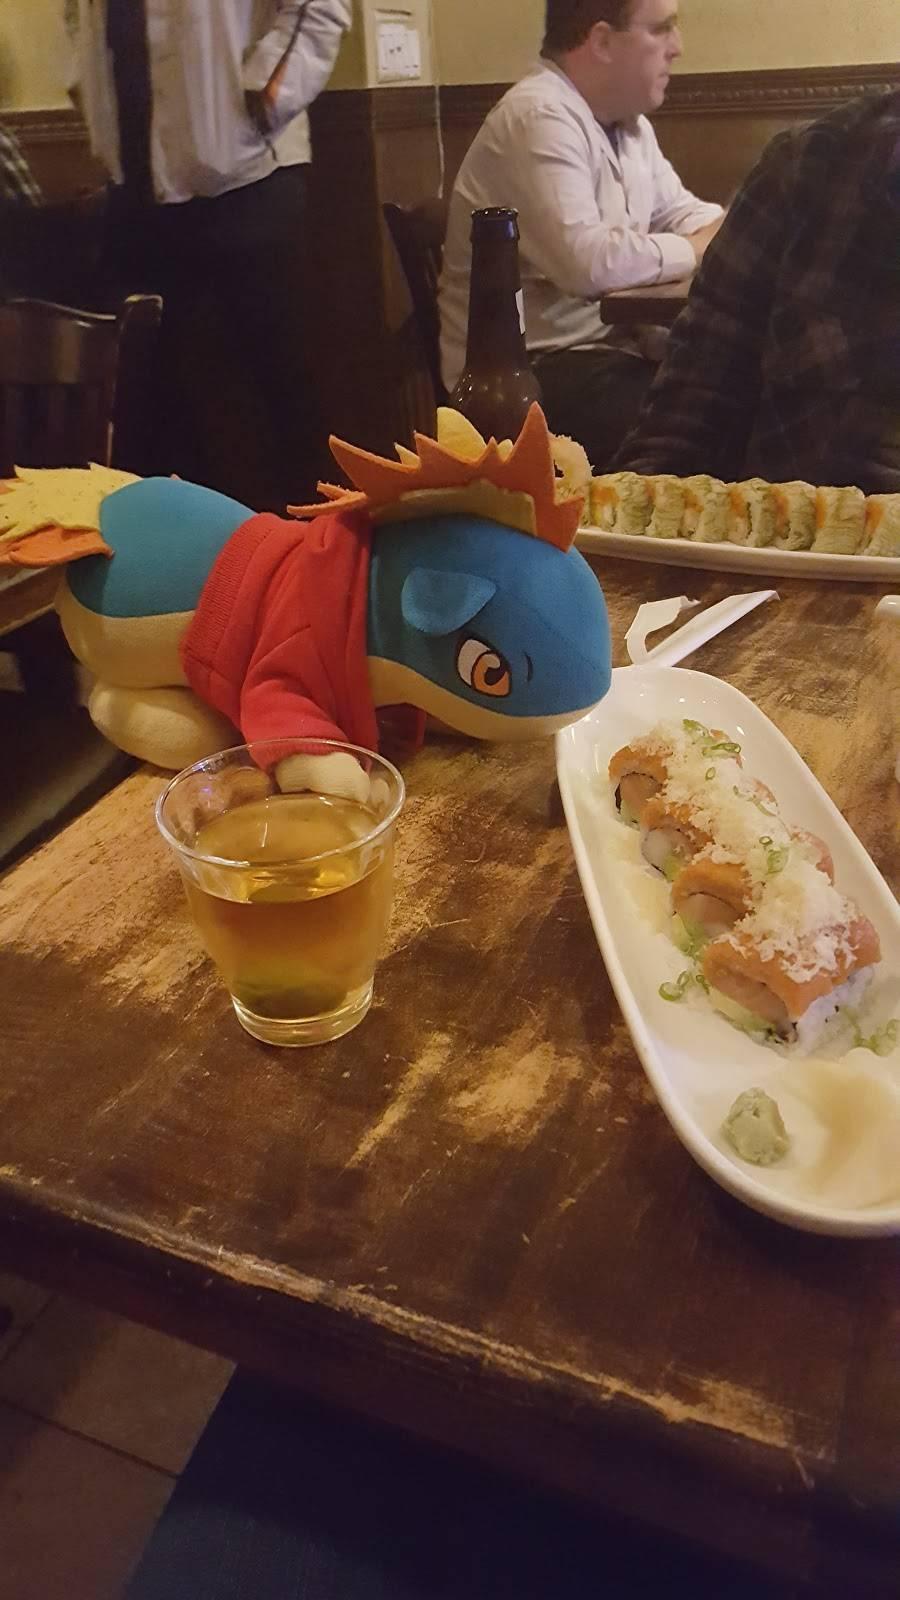 Osaka | restaurant | 272 Court St, Brooklyn, NY 11231, USA | 7186430044 OR +1 718-643-0044